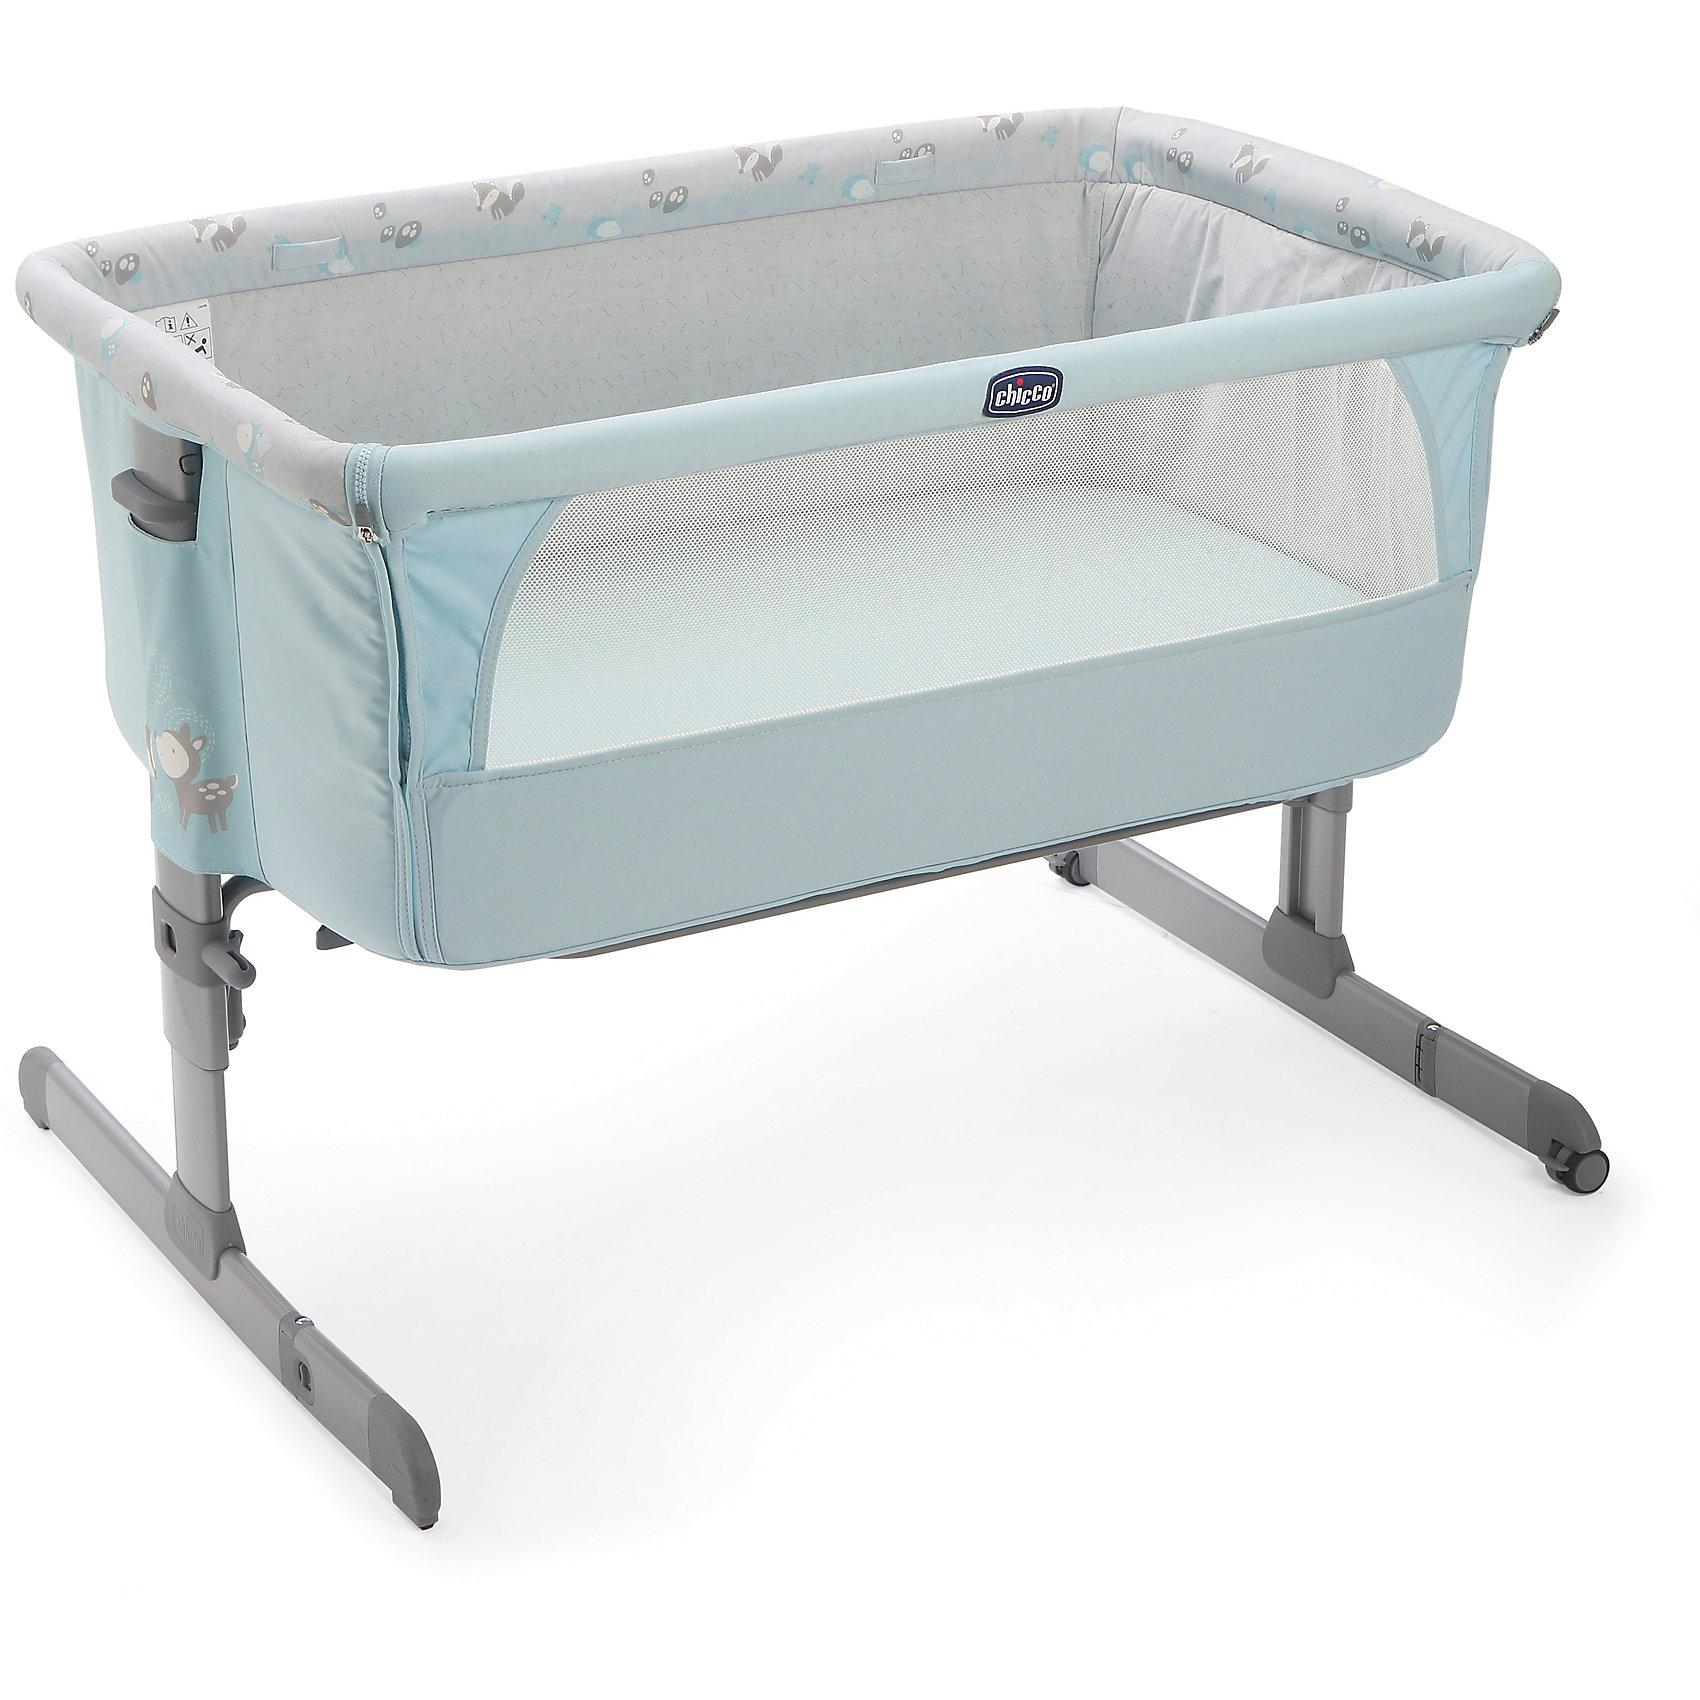 Кроватка Next2Me, Chicco, skyКолыбели<br>Характеристики кроватки Chicco Next2Me:<br><br>• безопасная система крепления к кровати родителей, надежные карабины;<br>• регулируется расстояние между детской кроваткой и кроватью родителей;<br>• расположения кроватки изменяется благодаря регулируемым по длине фиксаторам, <br>• боковая стенка откидывается, предоставляя доступ к ребенку;<br>• края стенки оснащены специальным креплением, которое обеспечивает надежное крепление к опорной стойке кроватки;<br>• регулируемая высота кроватки, 4 положения;<br>• регулируется угол наклона спального места, 180-160 градусов;<br>• кроватка оснащена двумя парами сдвоенных колесиков со стопорами;<br>• сетчатая вставка в боковой части коляски позволяет создать циркуляцию воздуха и создать оптимальные условия малышу;<br>• матрасик в комплекте;<br>• съемные чехлы кроватки, стирка при температуре 30 градусов;<br>• компактное складывание кроватки, хранение в сумке на молнии. <br><br>Размер кроватки: 93х69х66/81 см<br>Длина спального места: 93см<br>Ширина спального места: 69 см<br>Высота кроватки: 66-81 см<br>Допустимая нагрузка: до 9 кг<br>Размер упаковки: 95х60х15,5 см<br>Вес в упаковке: 9,9 кг<br><br>Кроватка Next2Me для новорожденного устанавливается вплотную к кровати родителей или отдельно. Стенка кроватки опускается, чтобы обеспечить мамочке постоянный доступ к ребенку, на расстоянии вытянутой руки. Детская кроватка надежно крепится к родительской кровати, таким образом, нет щели и сквозного пространства между двумя кроватями. Расположение днища кроватки можно изменить, подогнав высоту кроватки к высоте кровати родителей. Кроватка-люлька может использоваться отдельно и стоять поодаль или в соседней комнате, в детской спальне. В таком случае, бортик люльки поднимается, надежно фиксируется. Складывается кроватка компактно и не занимает много места, хранится в тканевом чехле на молнии. Чехол оснащен ручками для переноски.<br><br>Кроватку Next2Me, Chicco, Sky можно купить в нашем интернет-ма